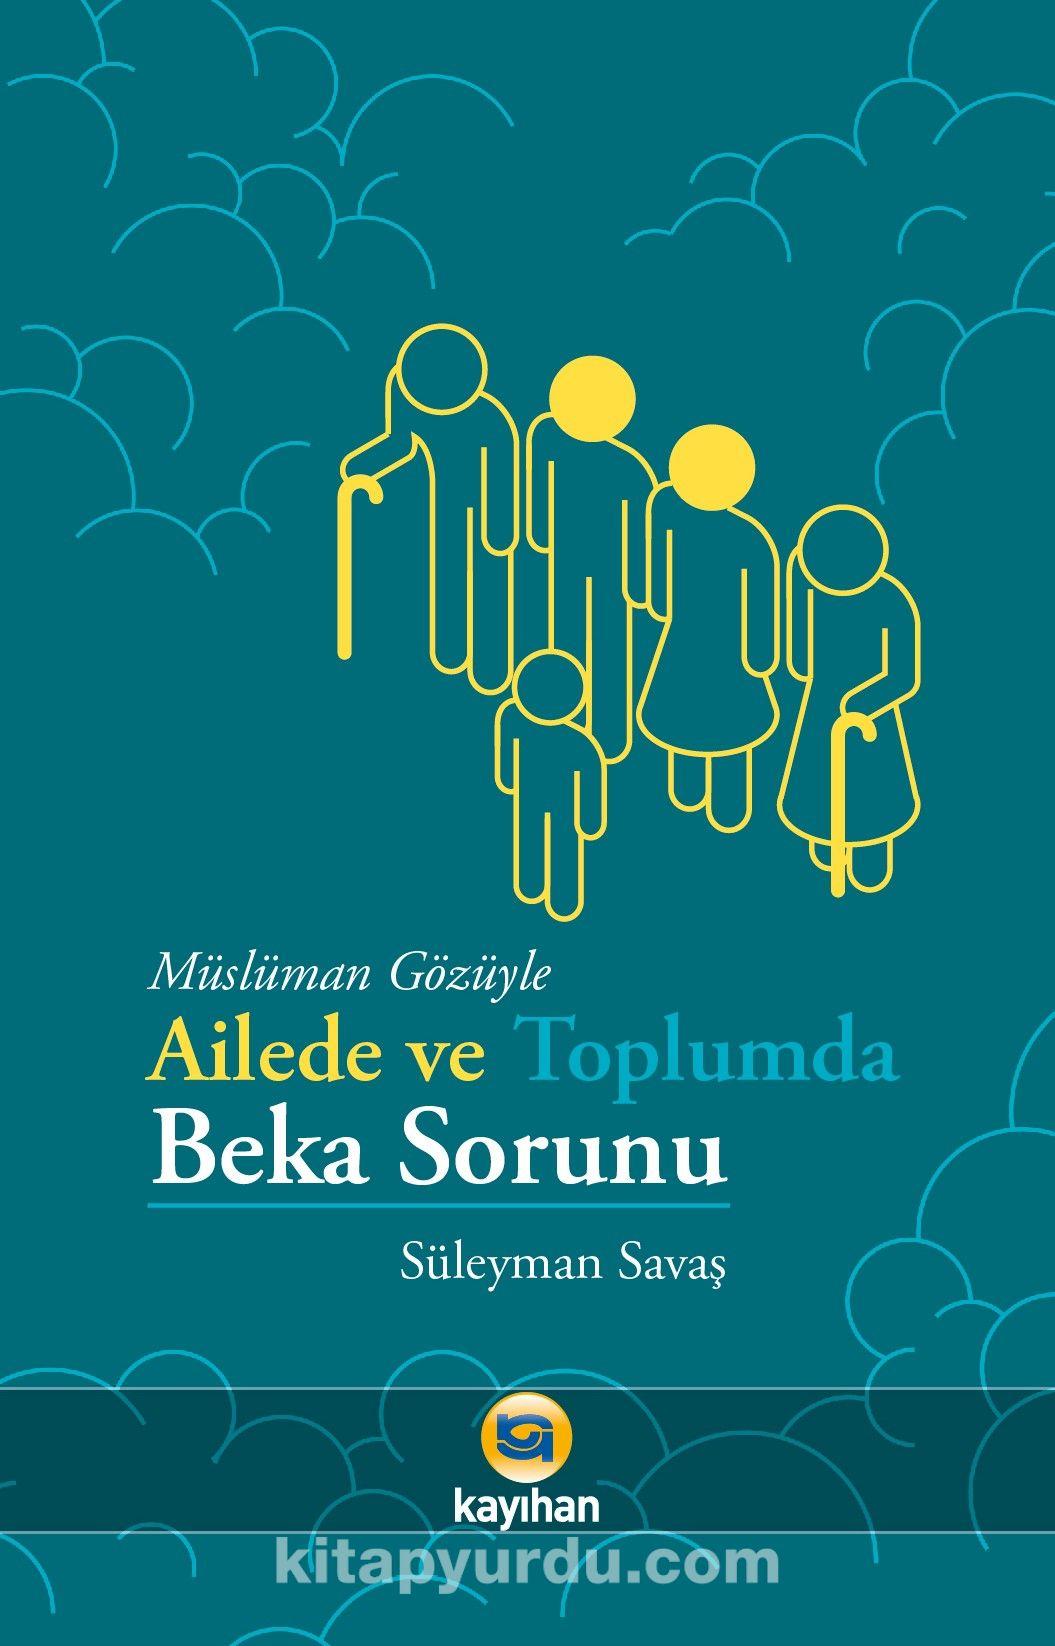 Müslüman Gözüyle Ailede ve Toplumda Beka Sorunu - Süleyman Savaş pdf epub